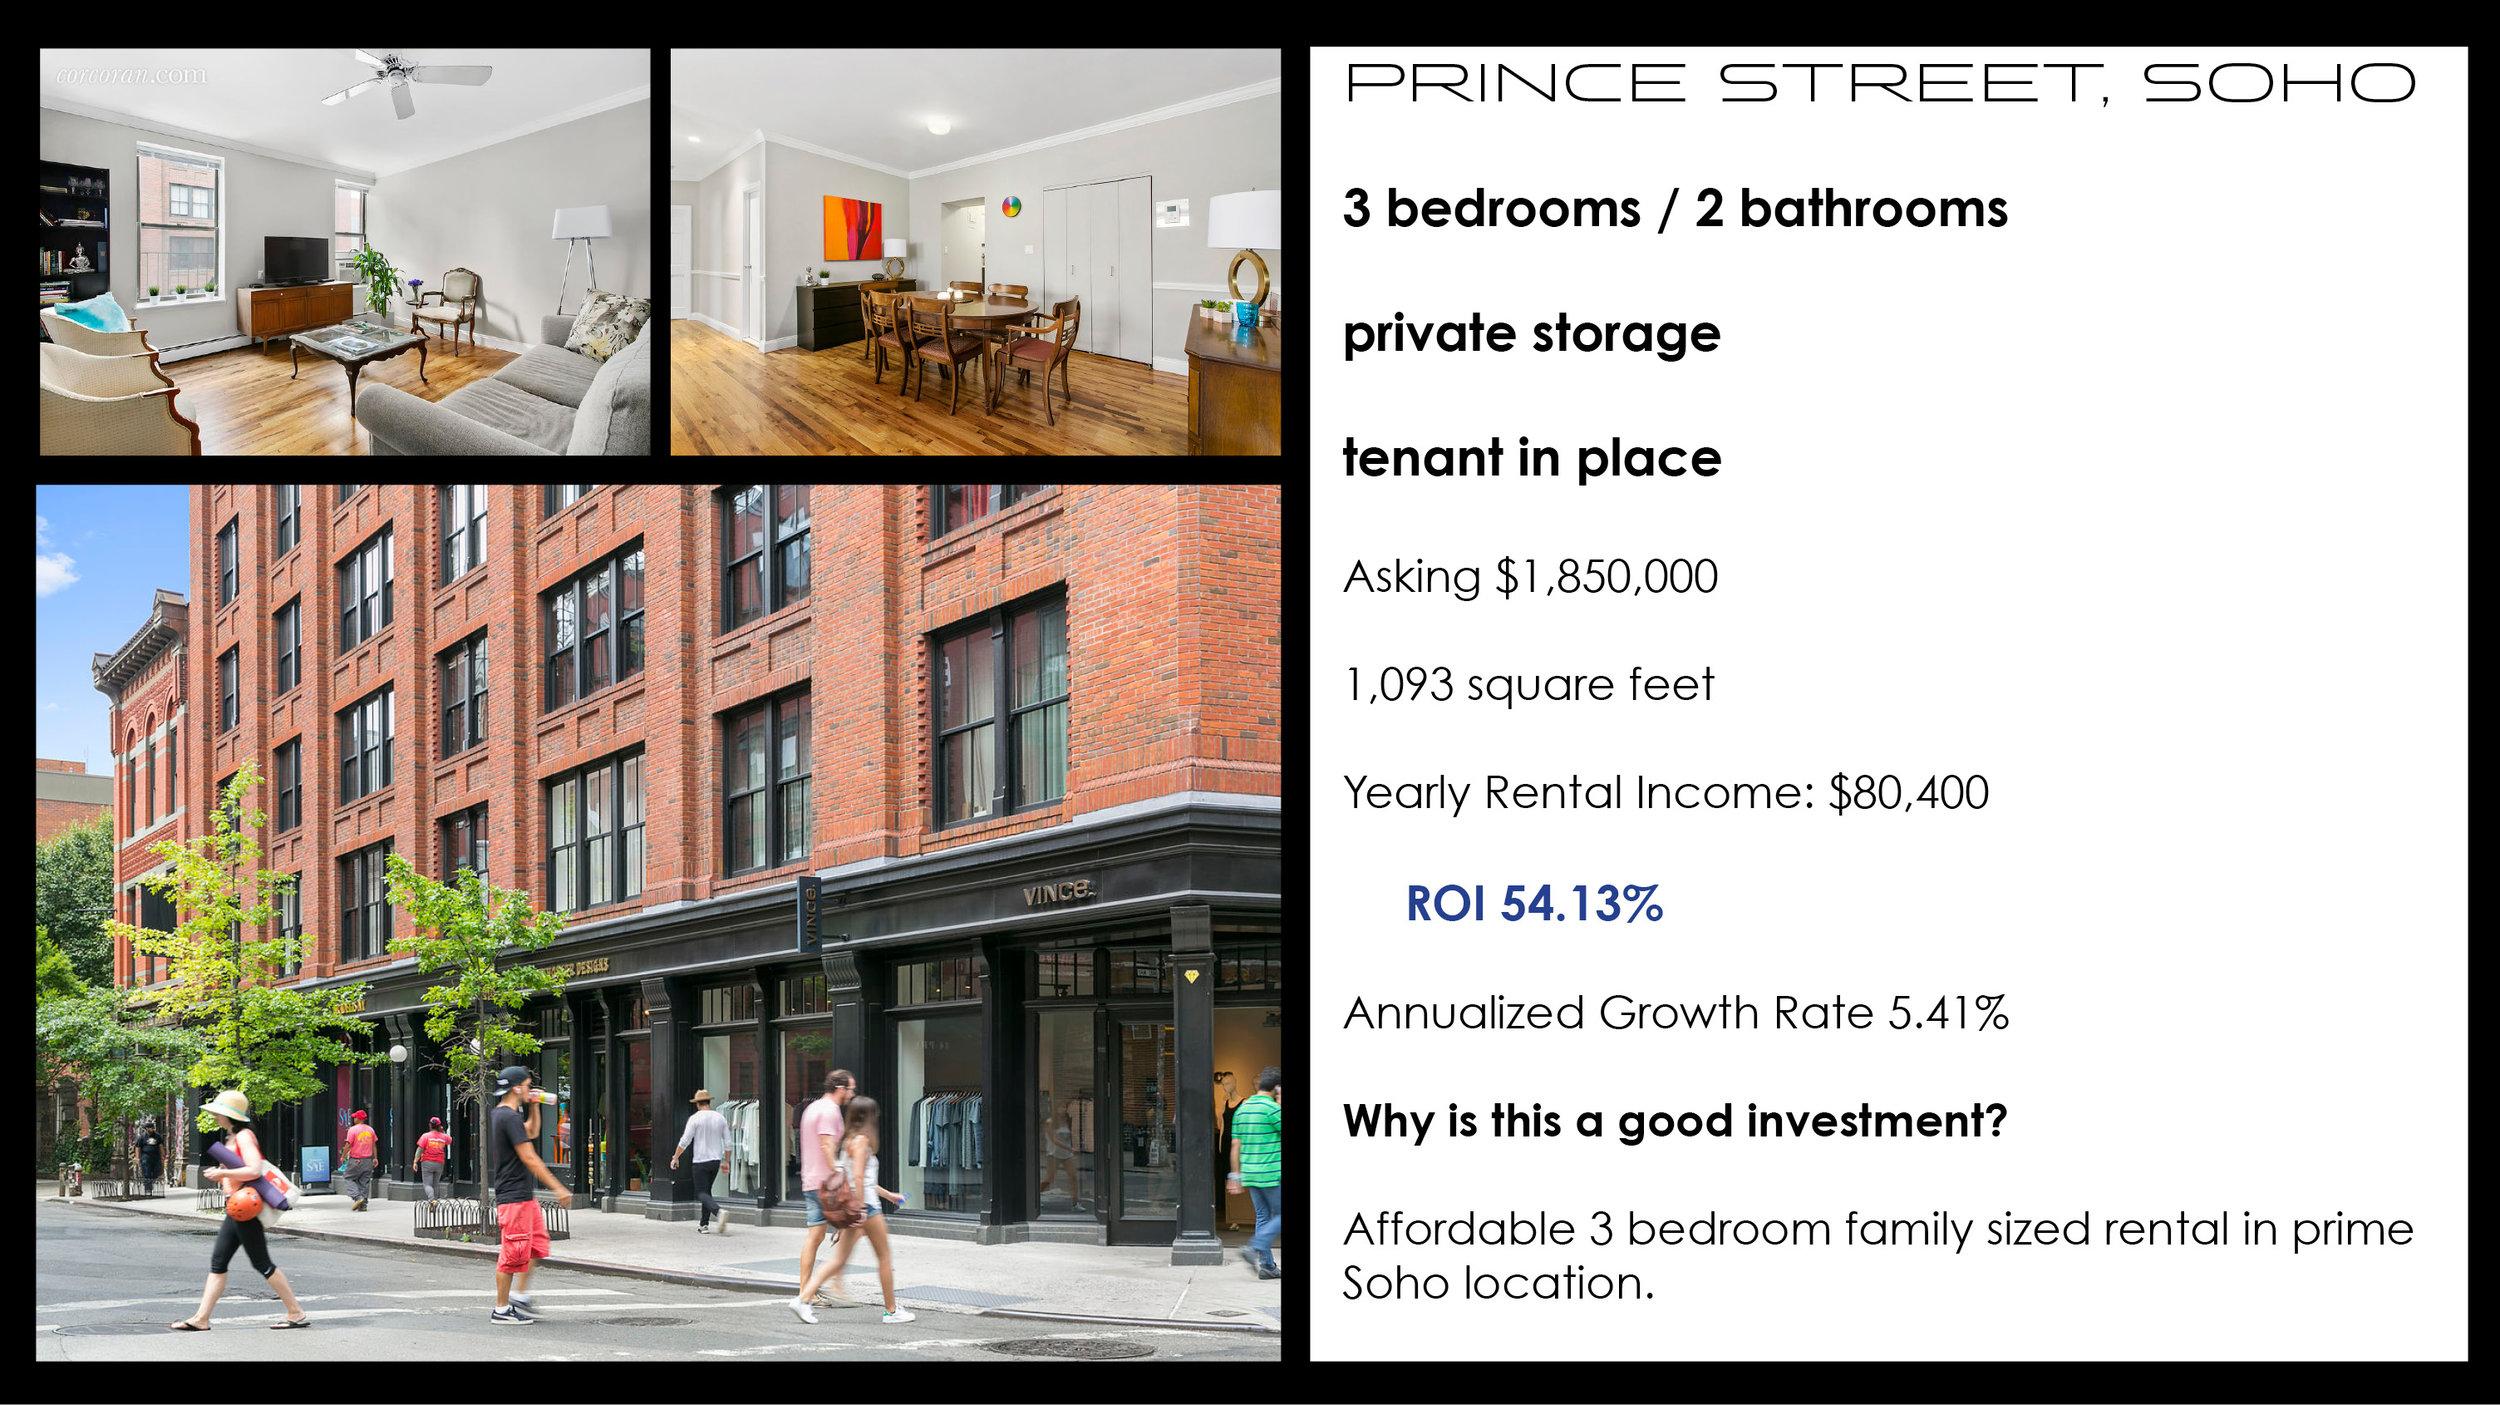 Investment Property Slides12.jpg